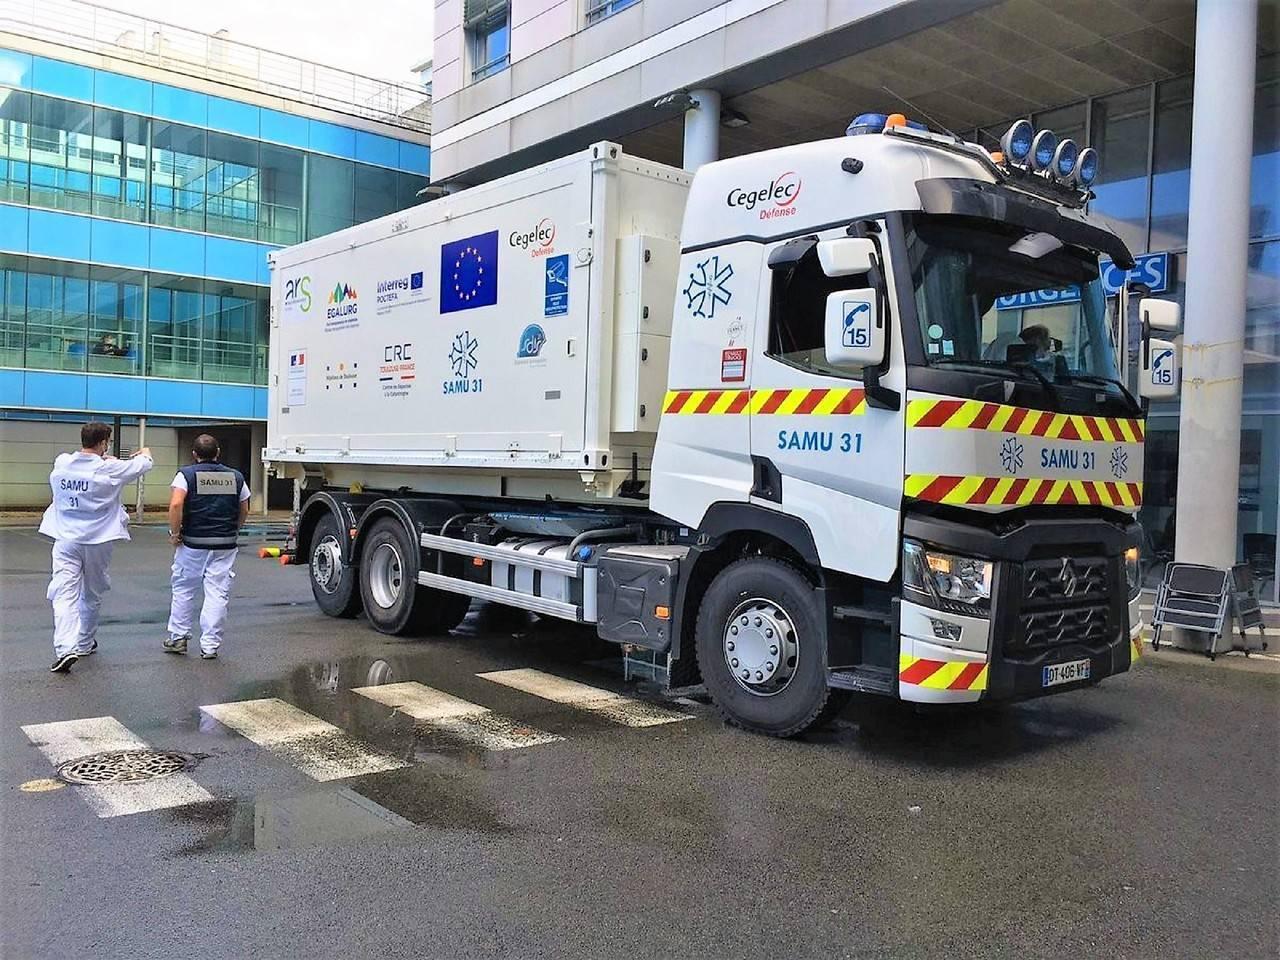 Camiones de vacunación: un método que acelera la reactivación de la economía en España y la UE